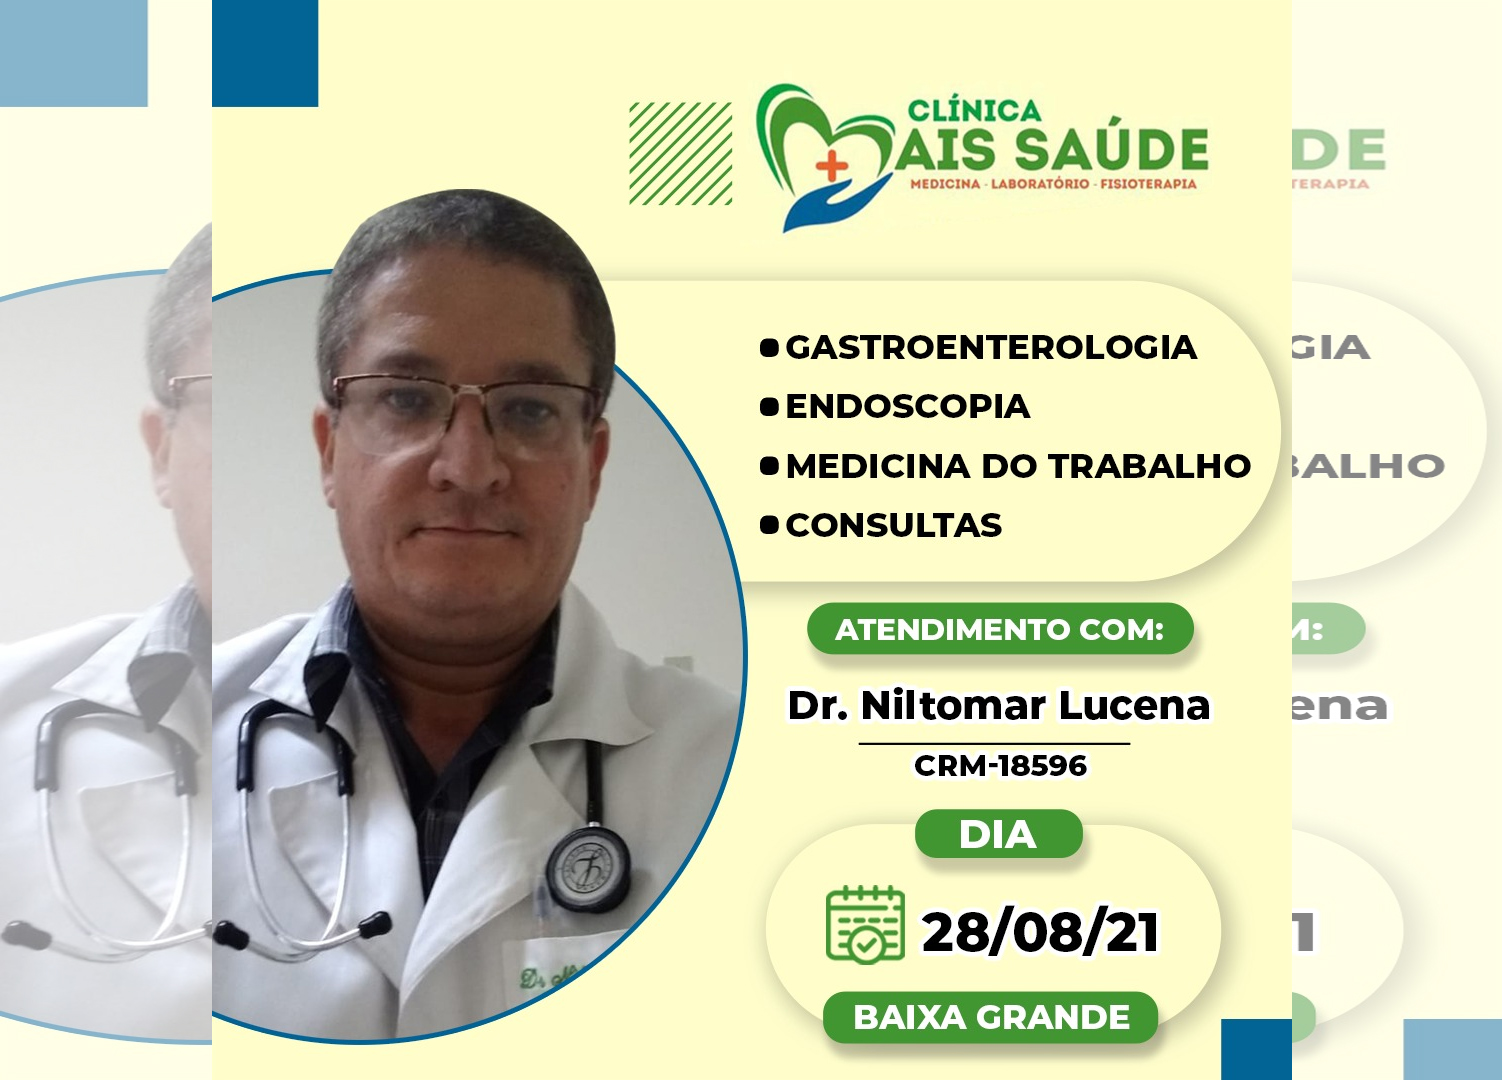 Médico Dr. Niltomar Lucena atende neste sábado na Clínica Mais Saúde em Baixa Grande